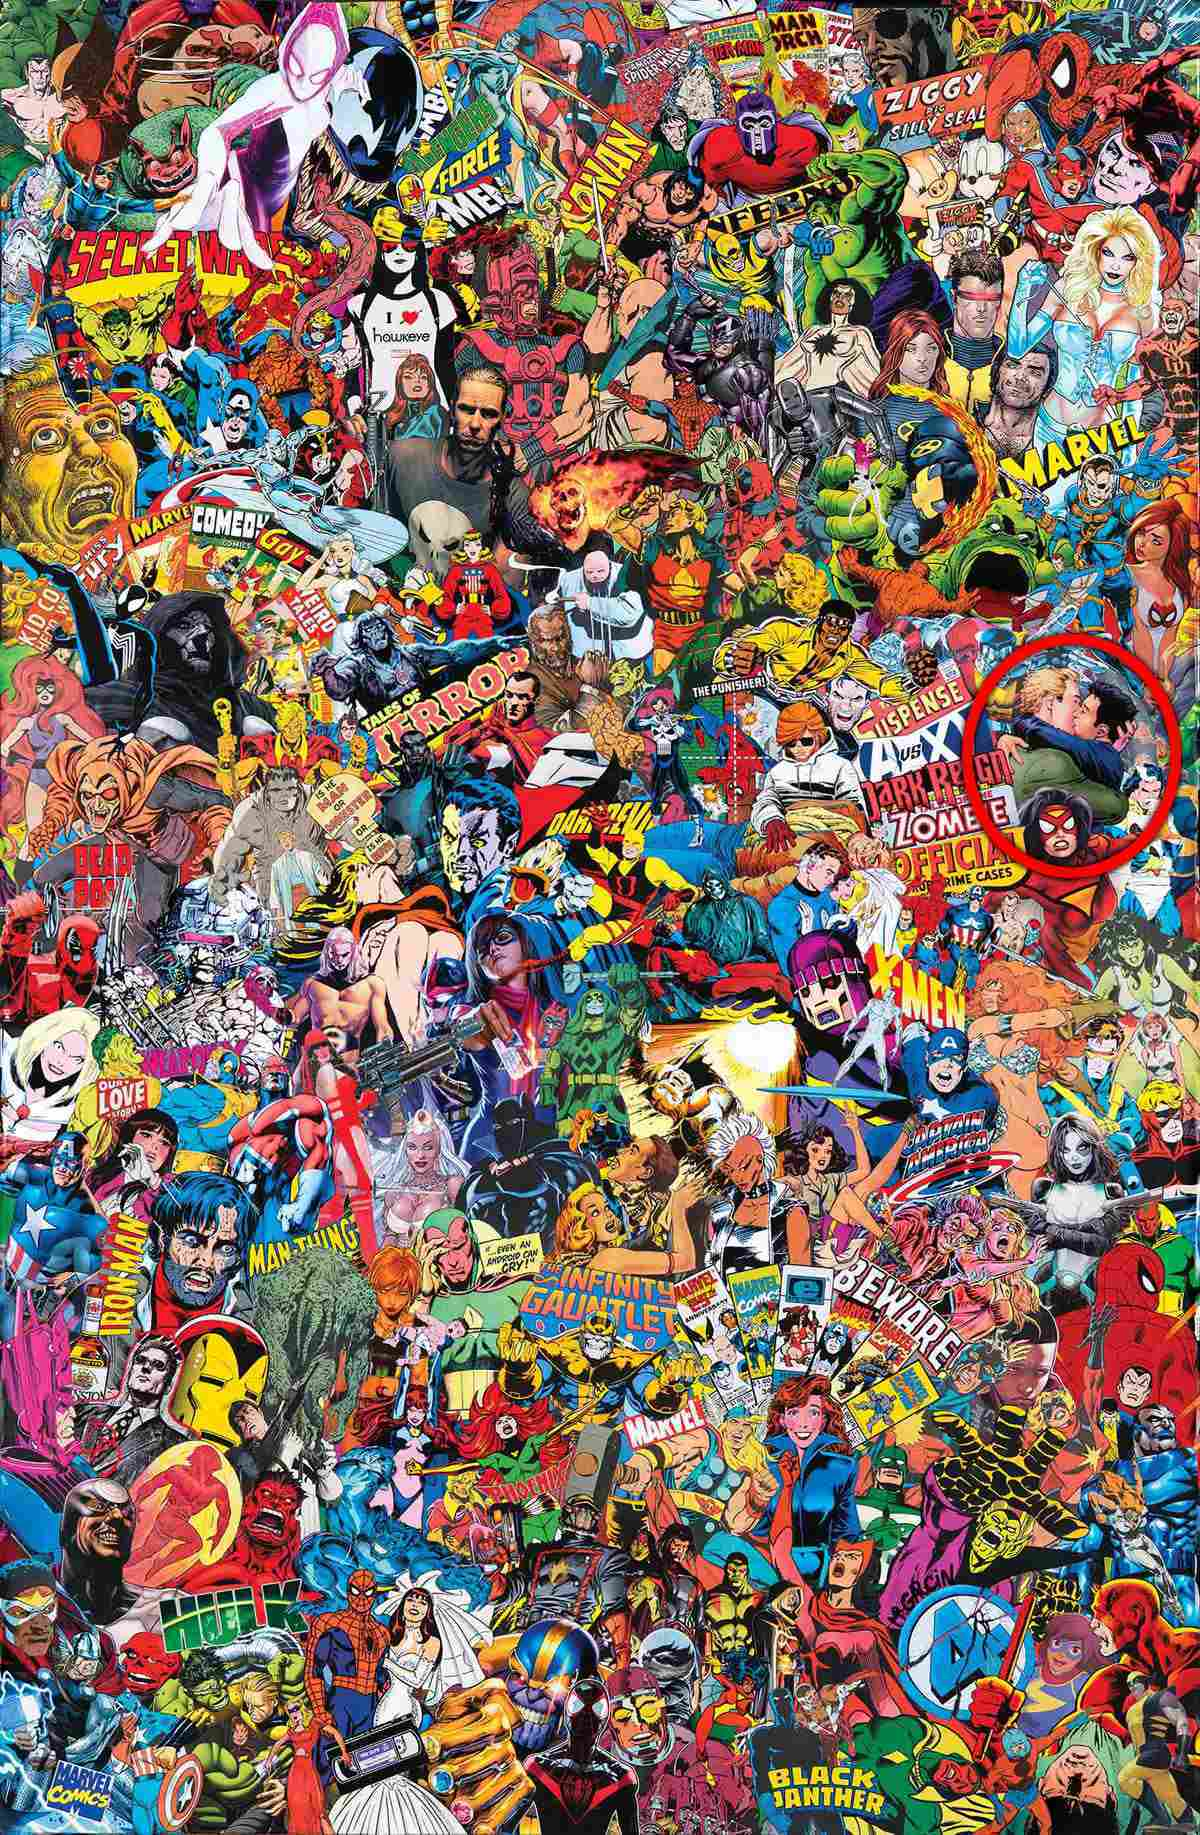 marvel-comics-1000-collage-variant-1172516.jpeg